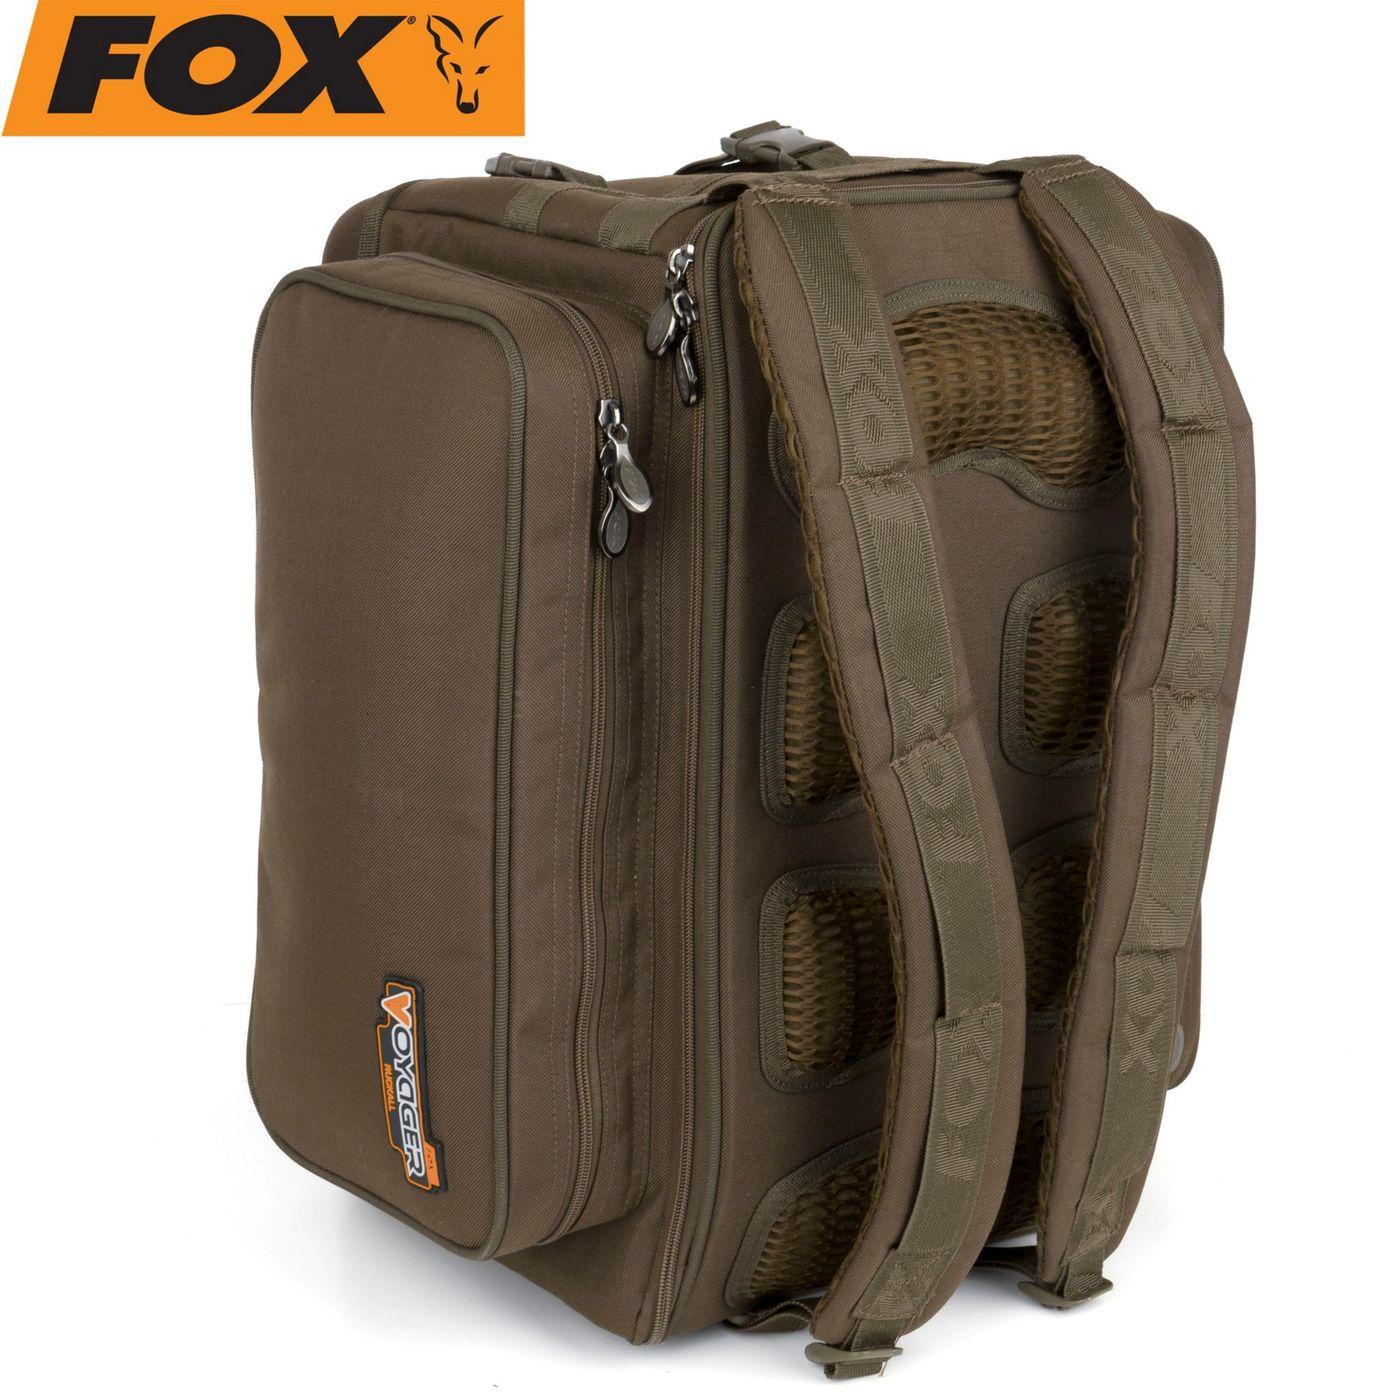 1e3255d89756a Fox Voyager ruckall 50x43x27cm - Angelrucksack